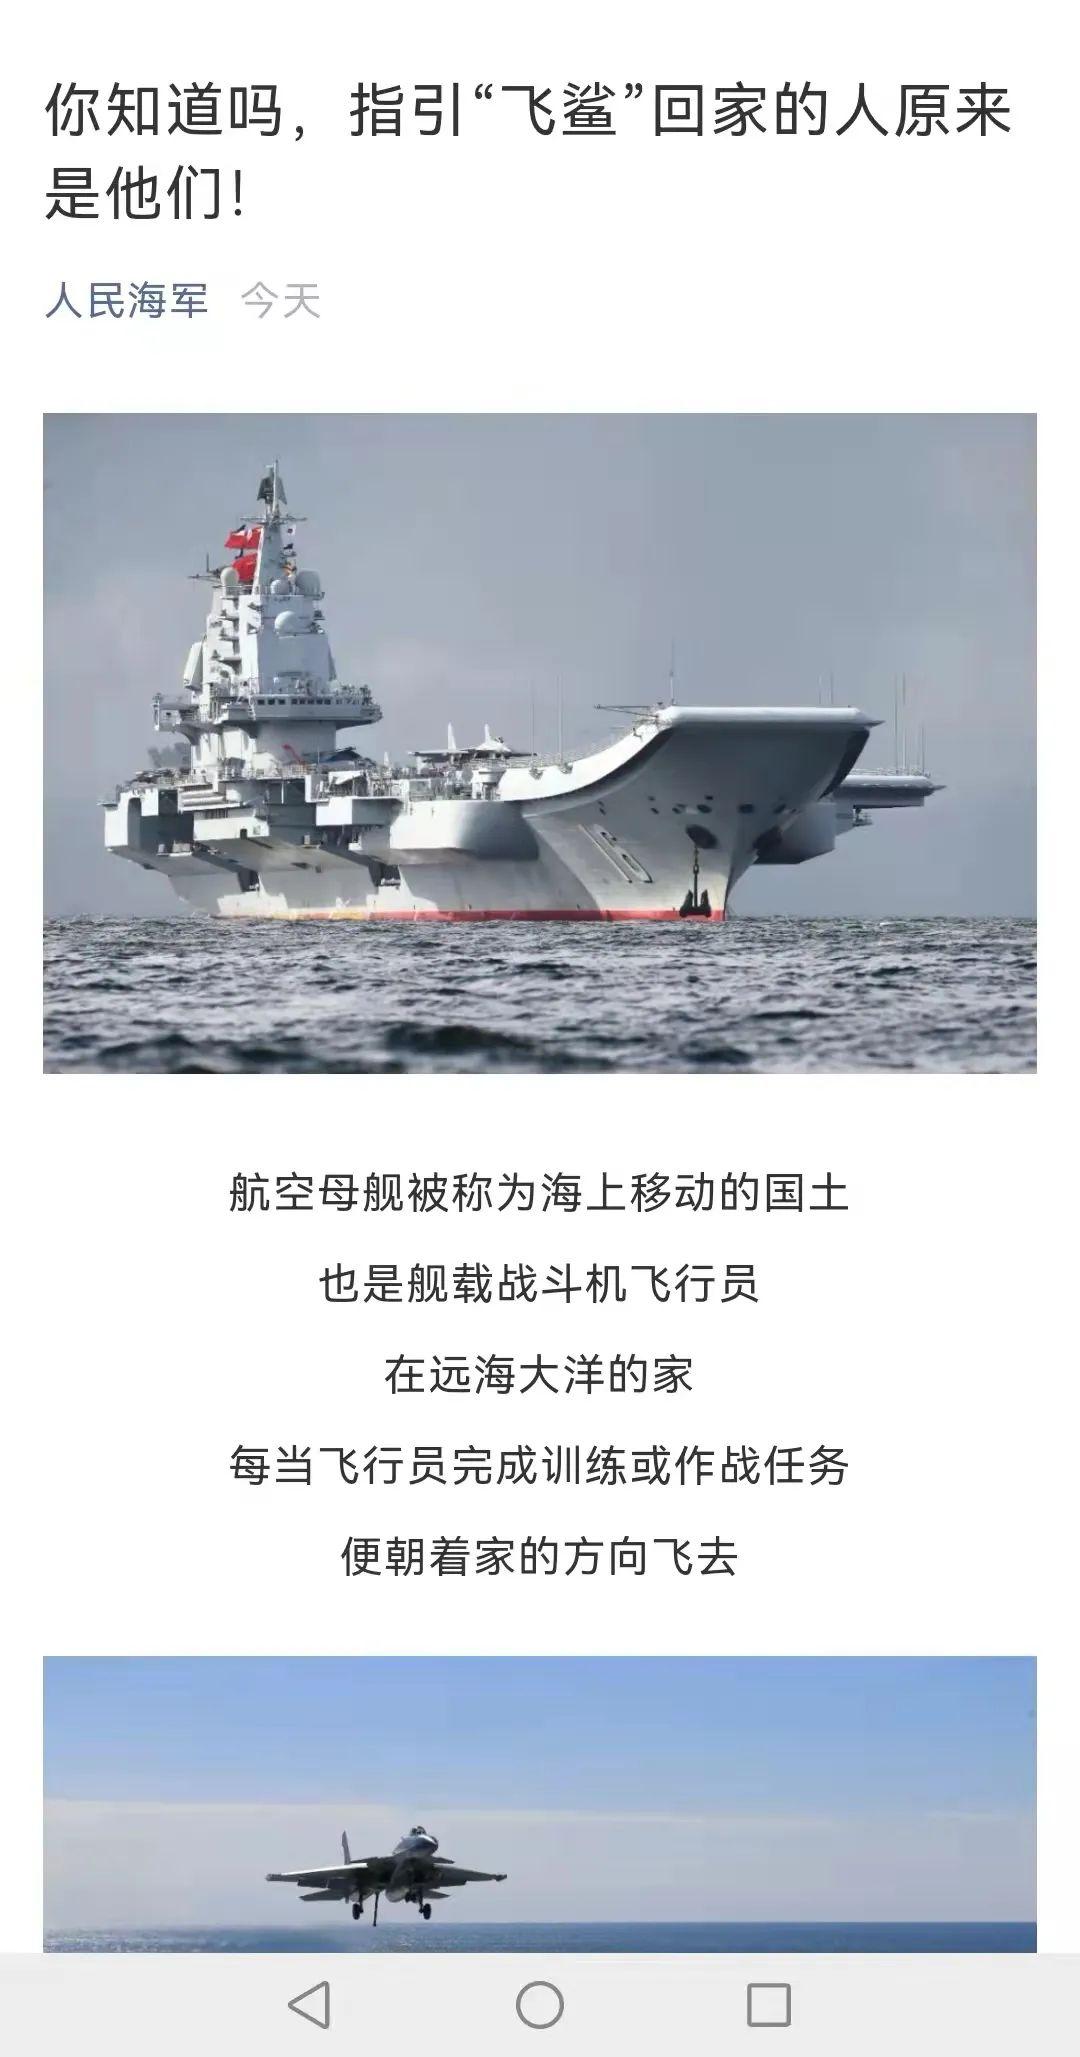 难怪最近没飞台海,原来解放军在忙这几个大动作